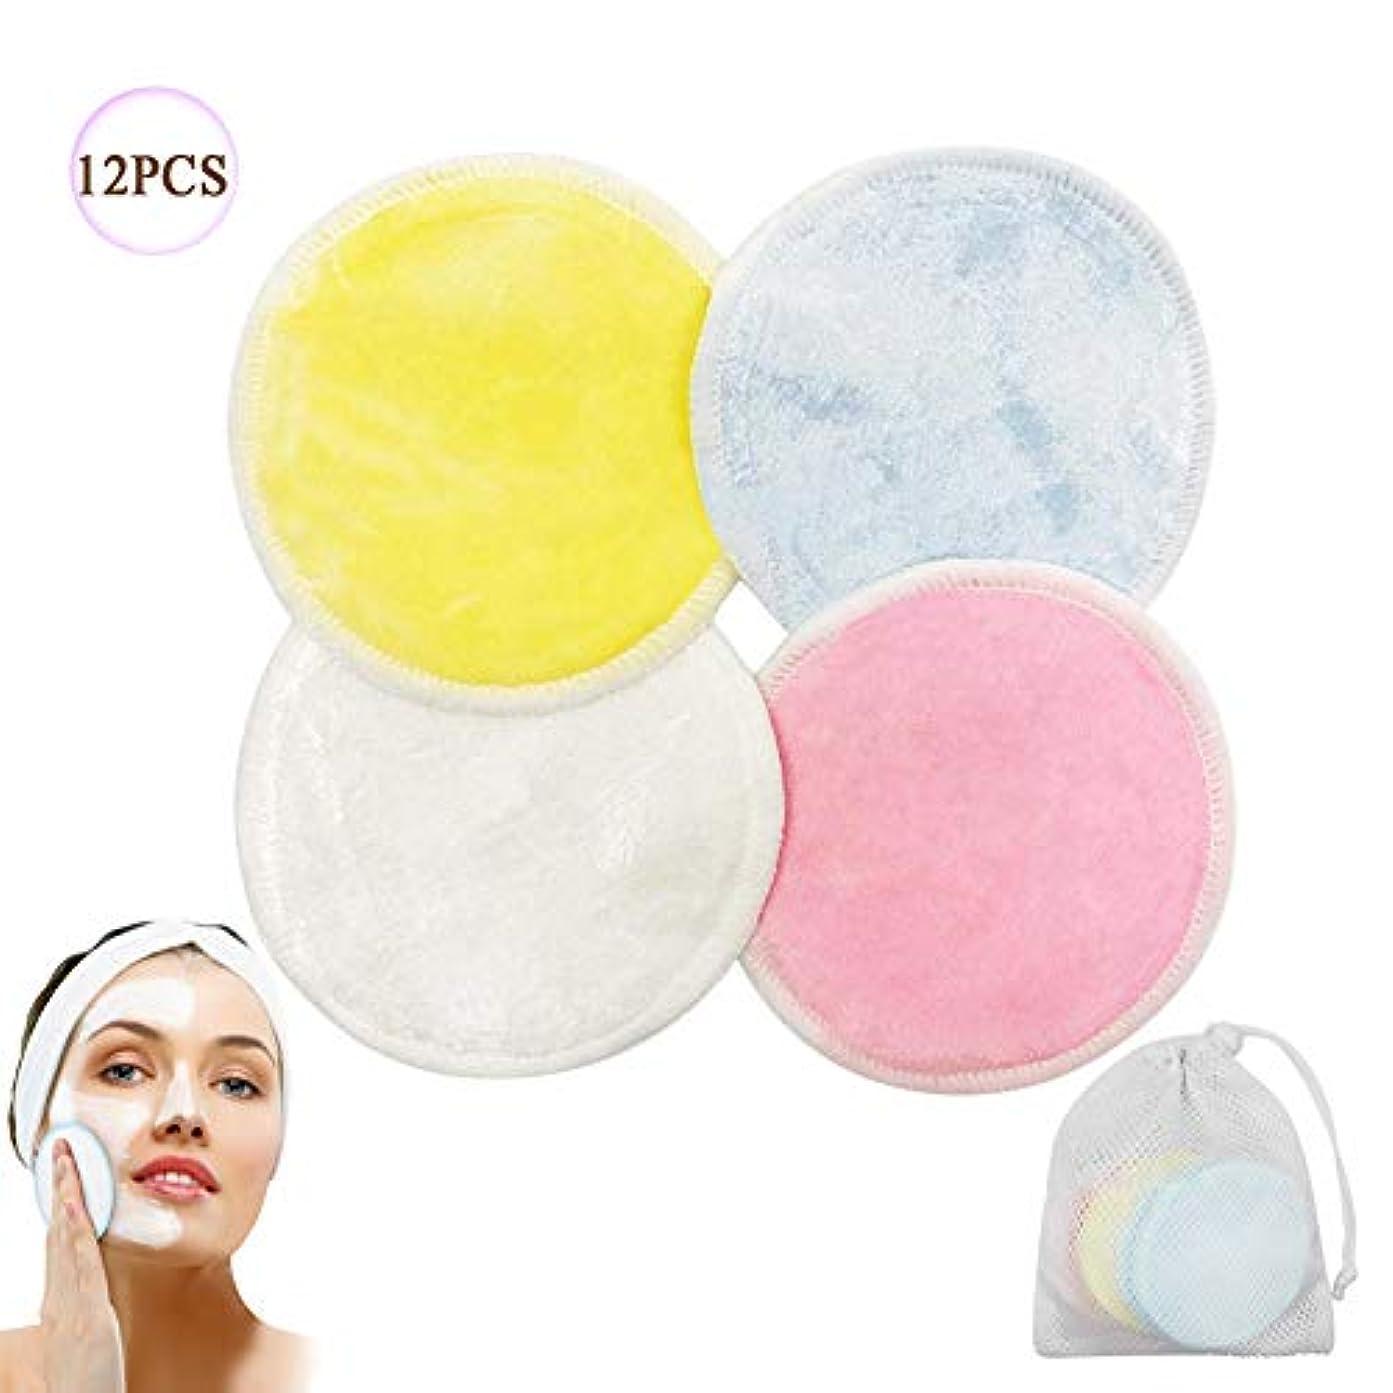 内向き暖炉幅メイク落としパッド、再利用可能な竹綿パッド、洗えるワイプ、女性の顔/目/唇のための柔らかくて快適なランドリーバッグ,12PCS